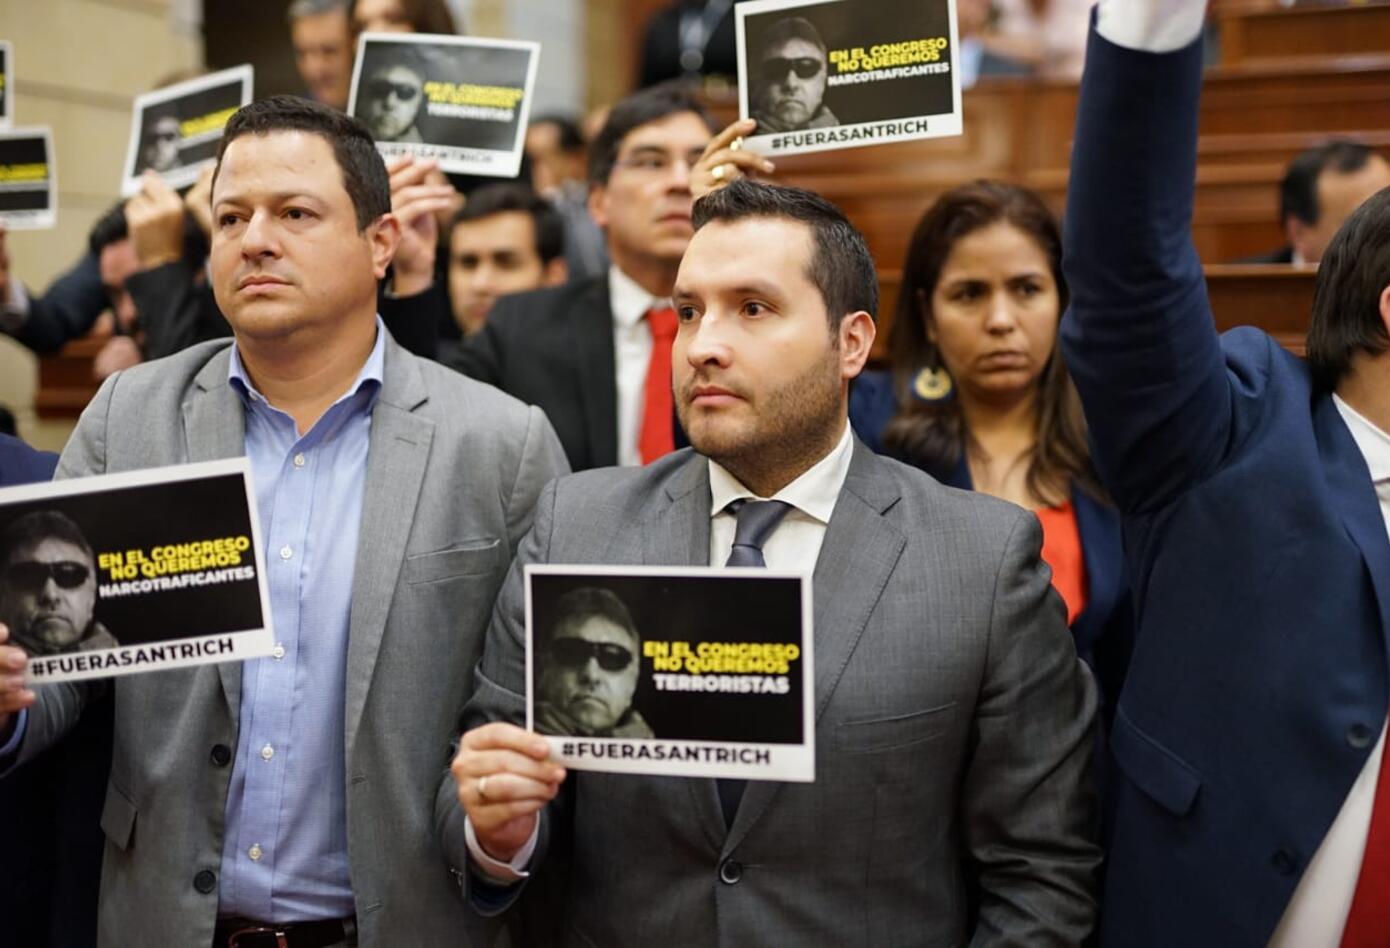 Varios partidos protestaron por la presencia de Santrich en la Cámara